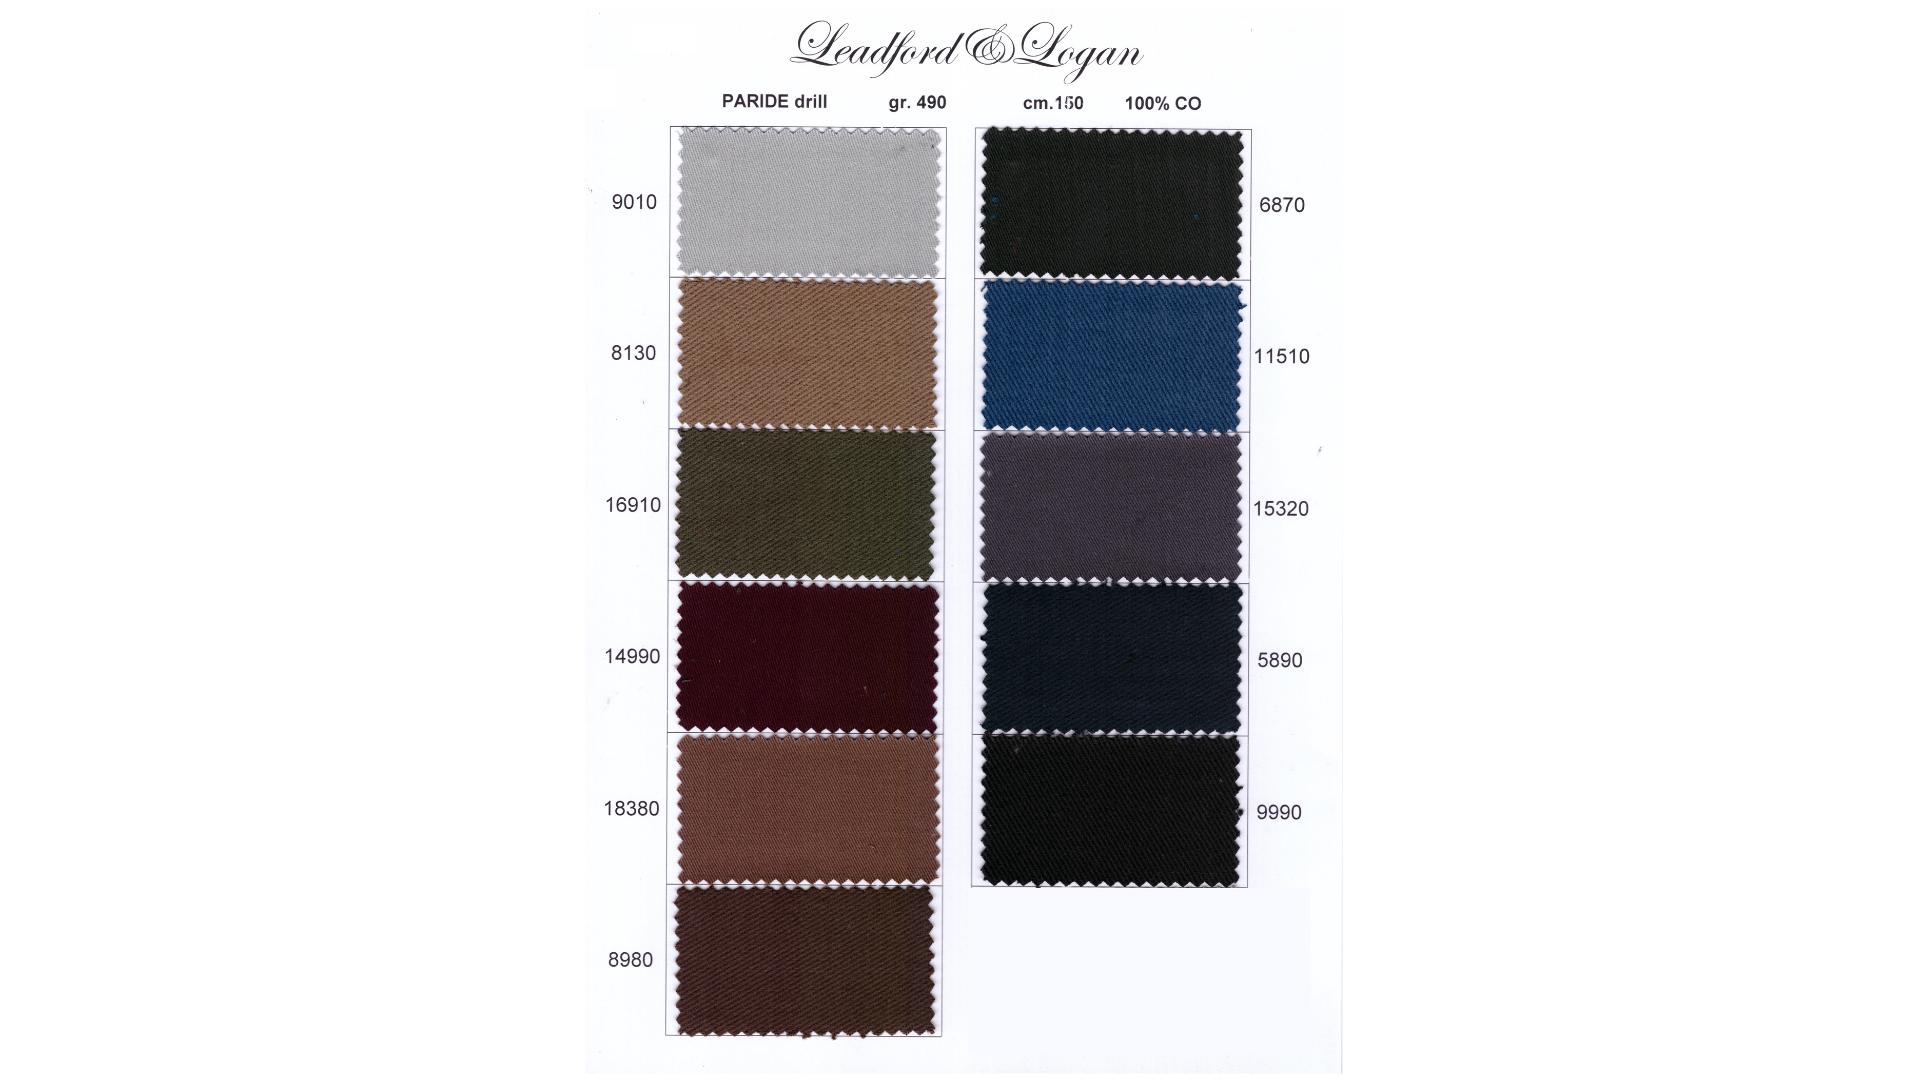 la cartella colore del tessuto paride drill di Leadford & Logan